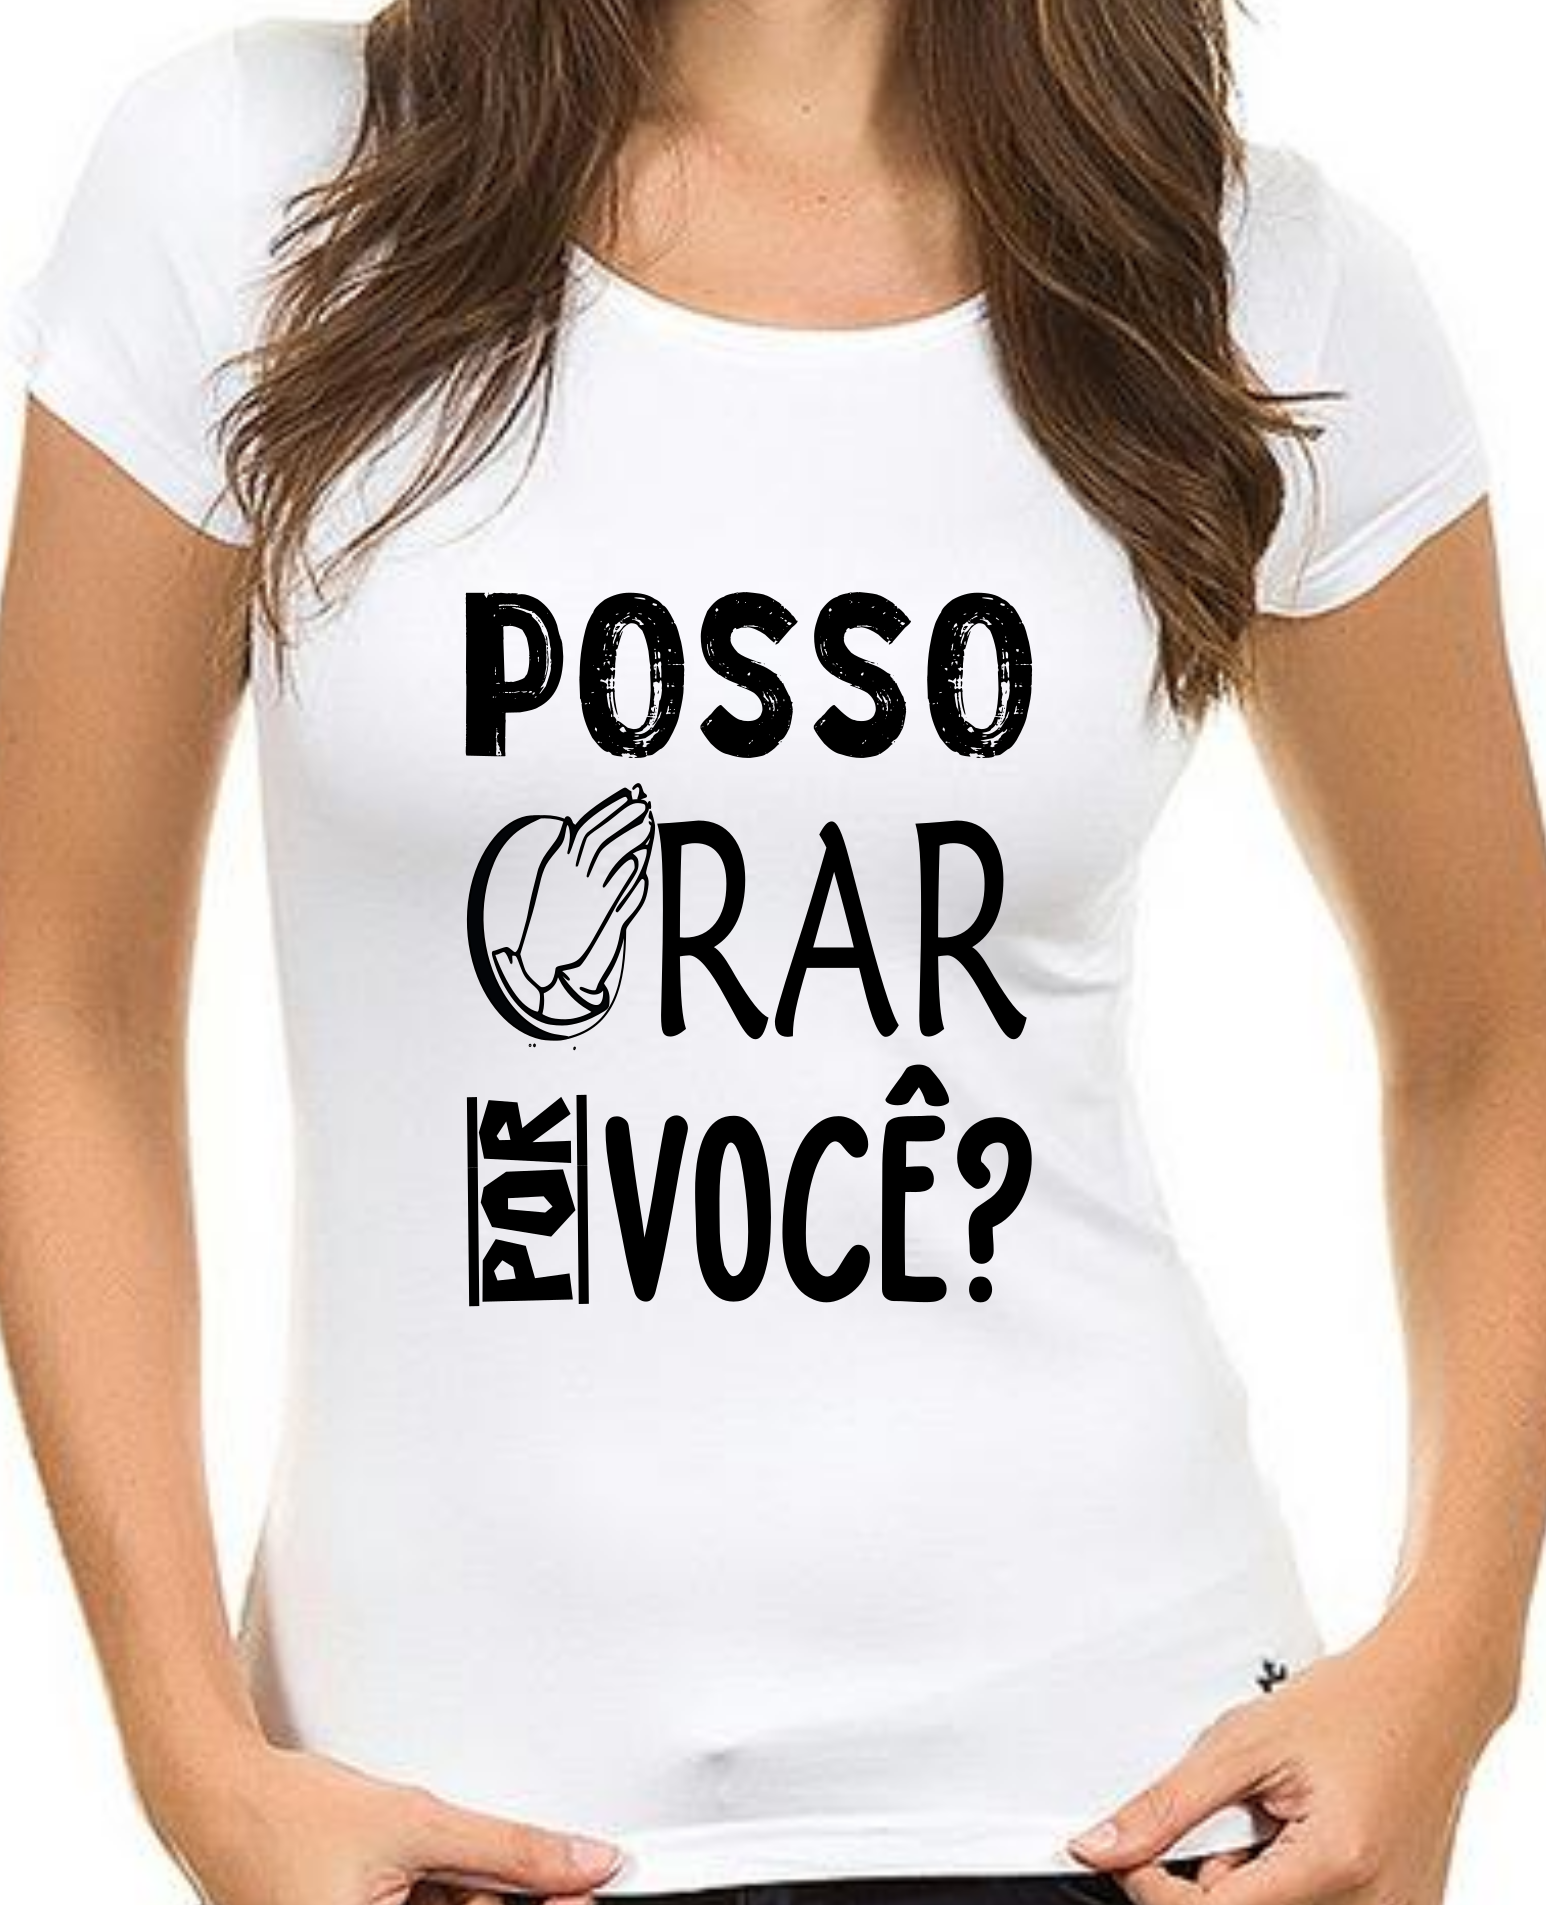 989db7422b Camiseta Evangélica Posso Orar Por Você